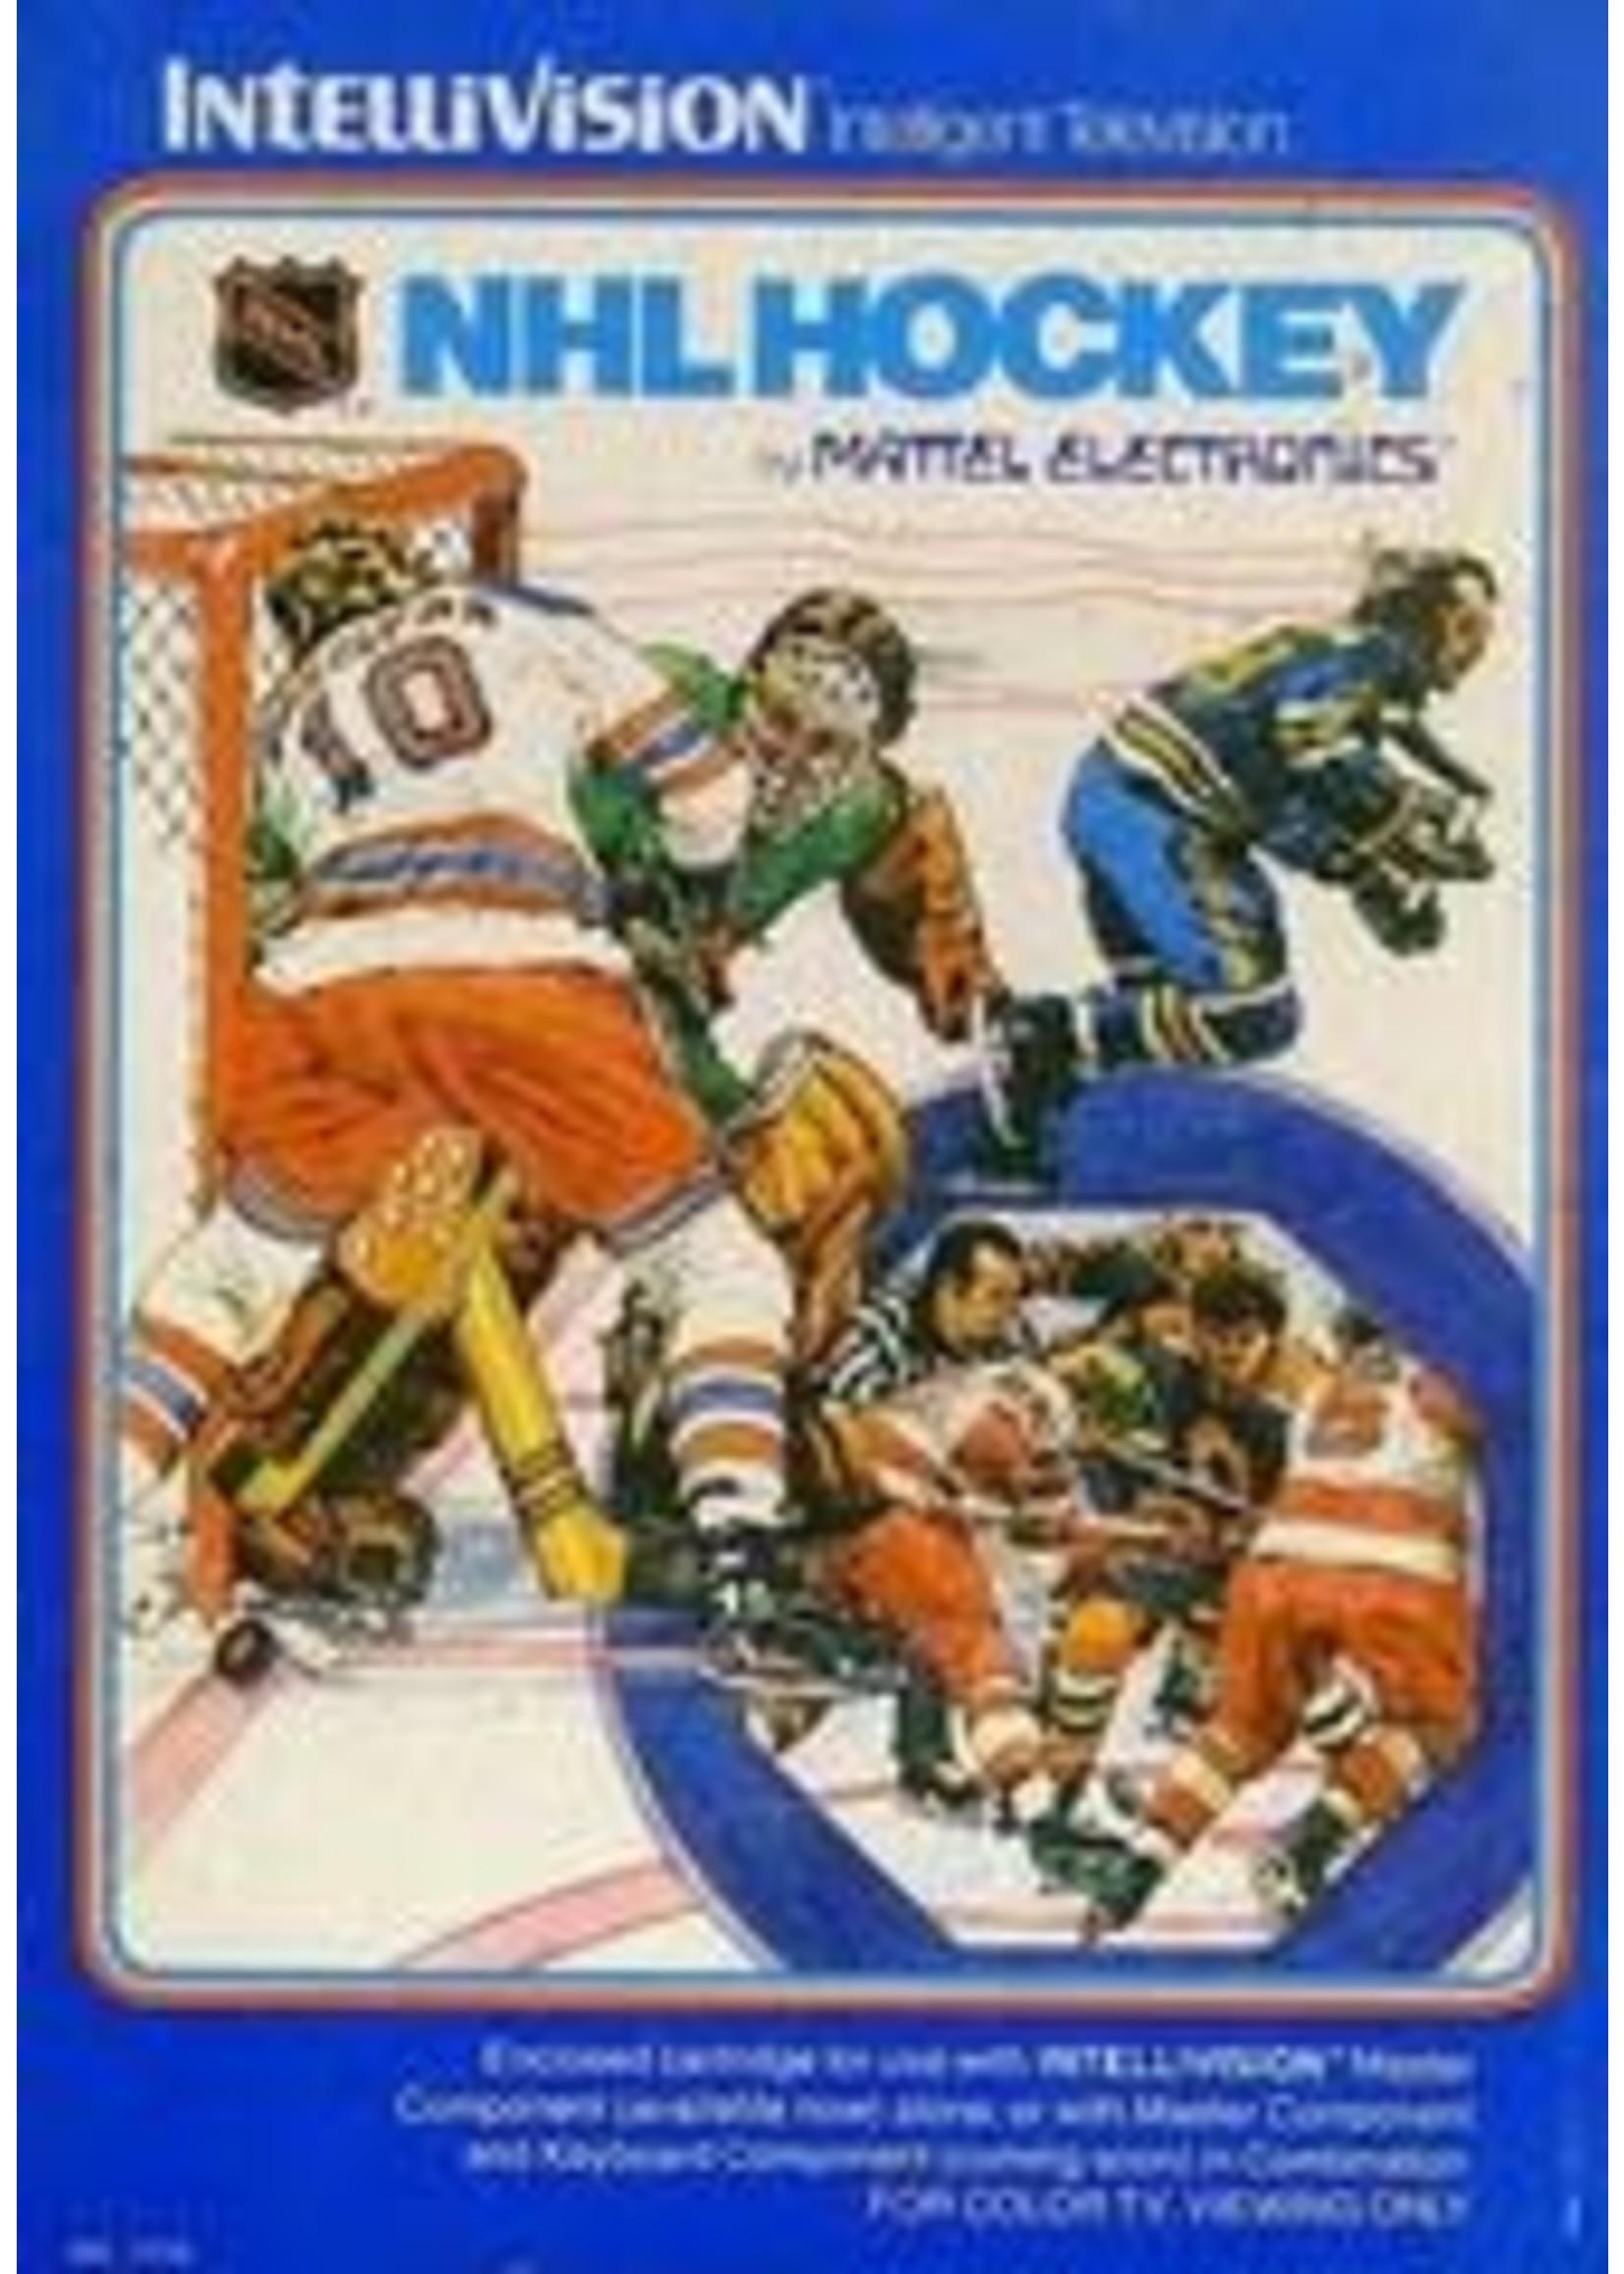 NHL Hockey Intellivision